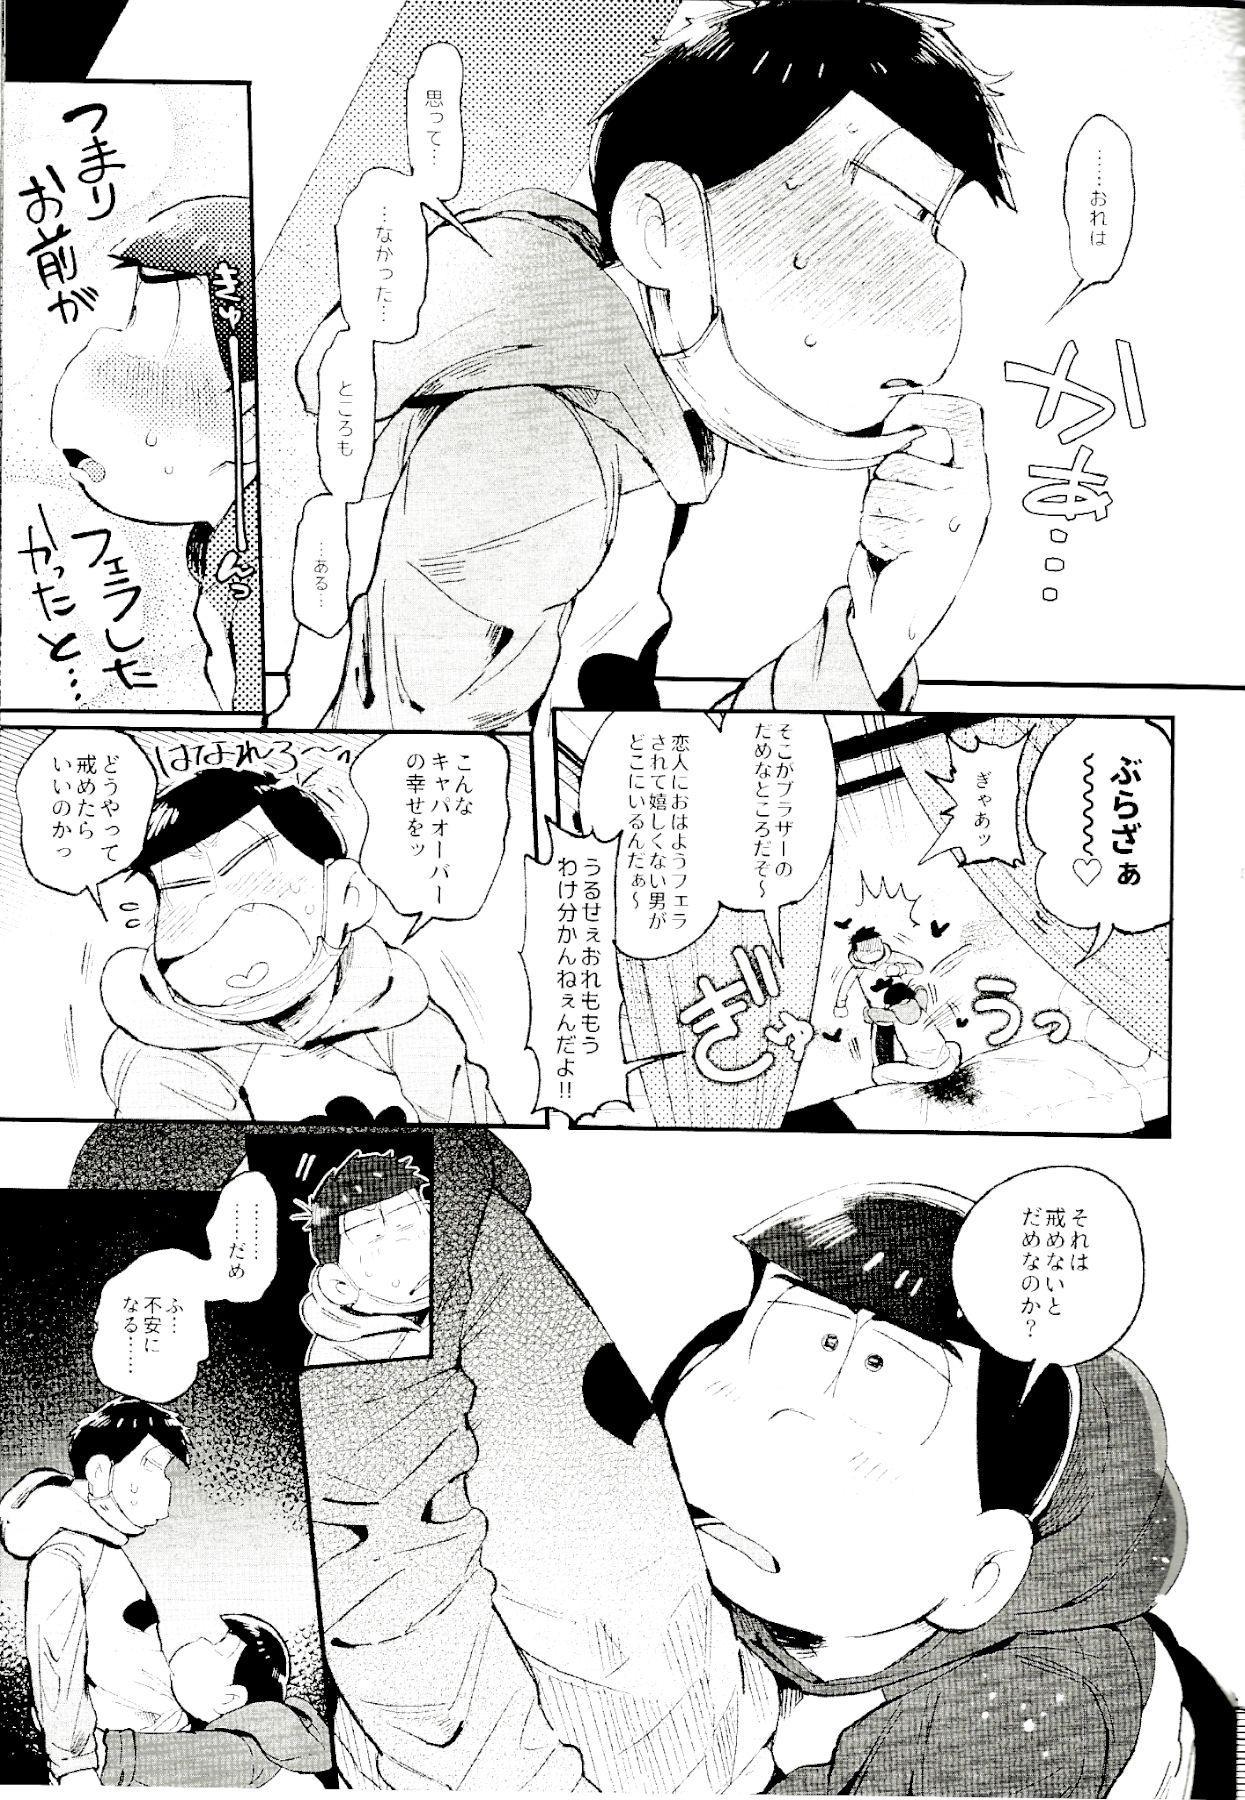 Kore ga Bokura no Imashime Riron 31